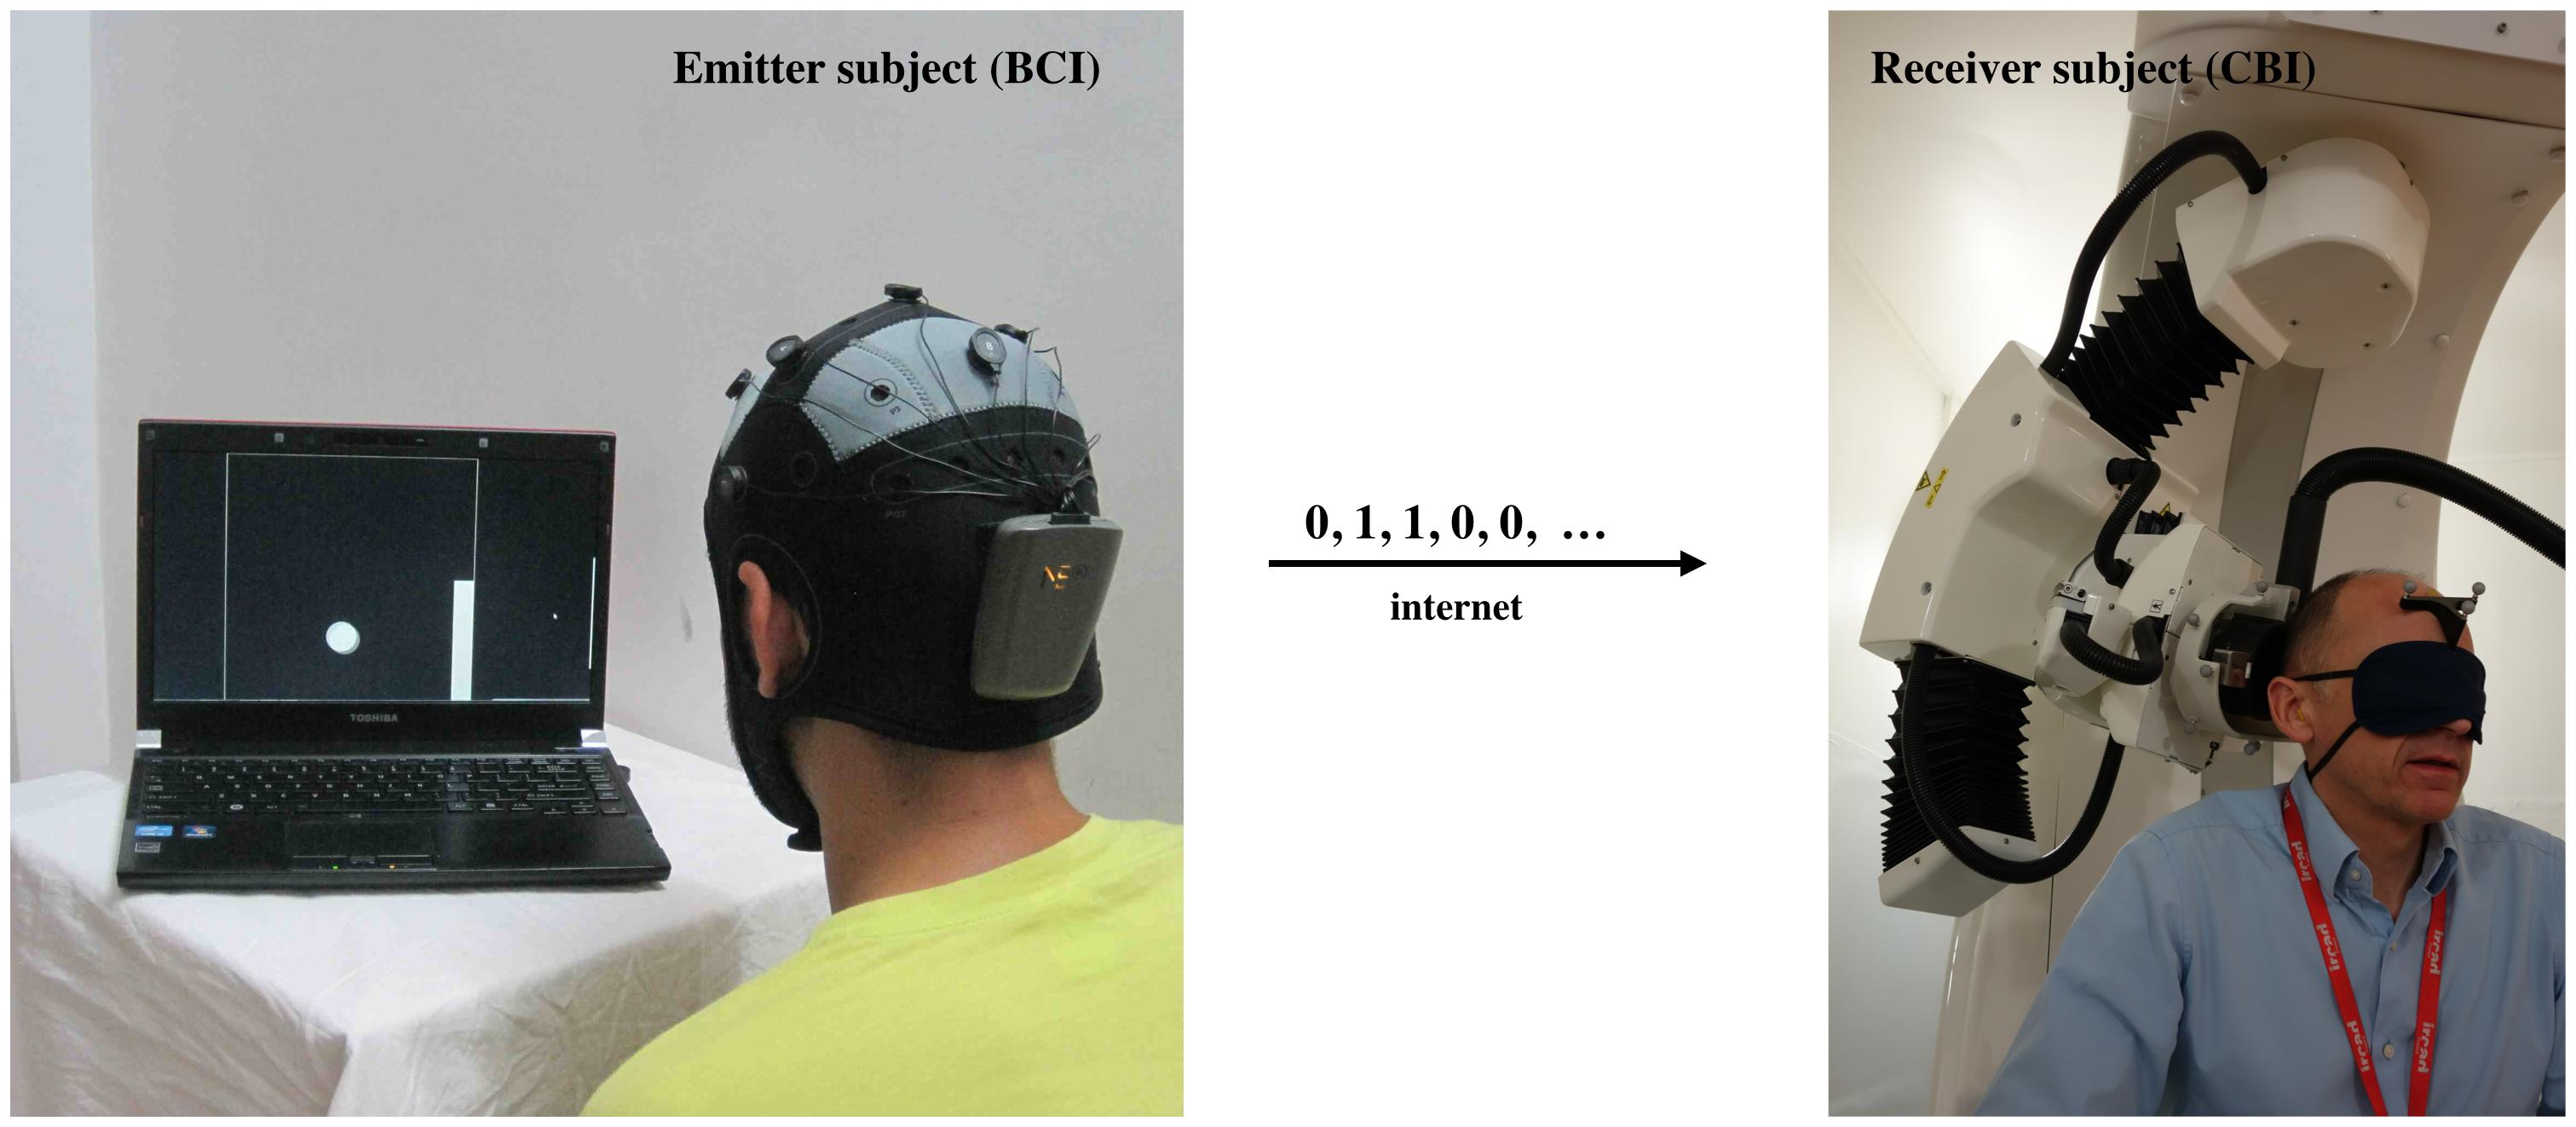 Télépathie via email : première démonstration de communication cerveau à cerveau entre des Humains